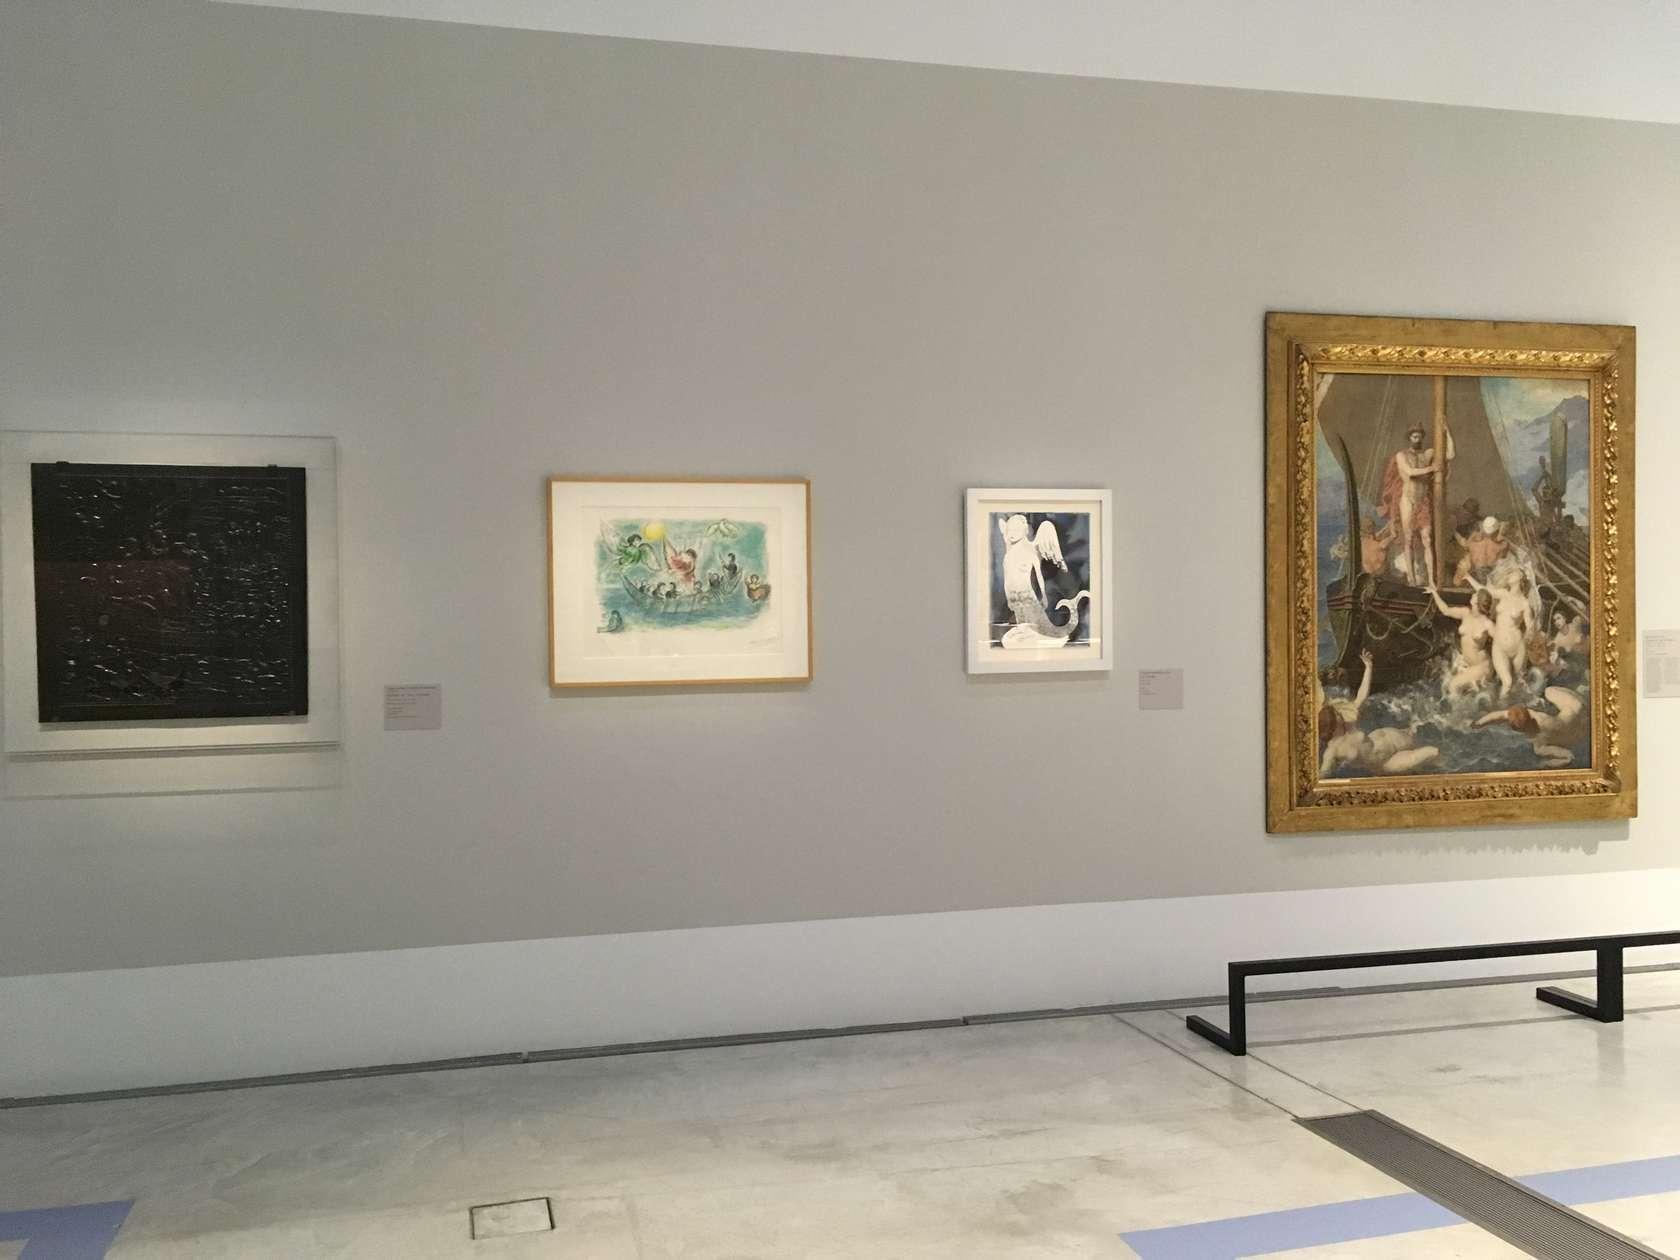 Françoise Pétrovitch Homère Louvre-Lens, Lens (FR) 27 mars  — 22 juillet 2019